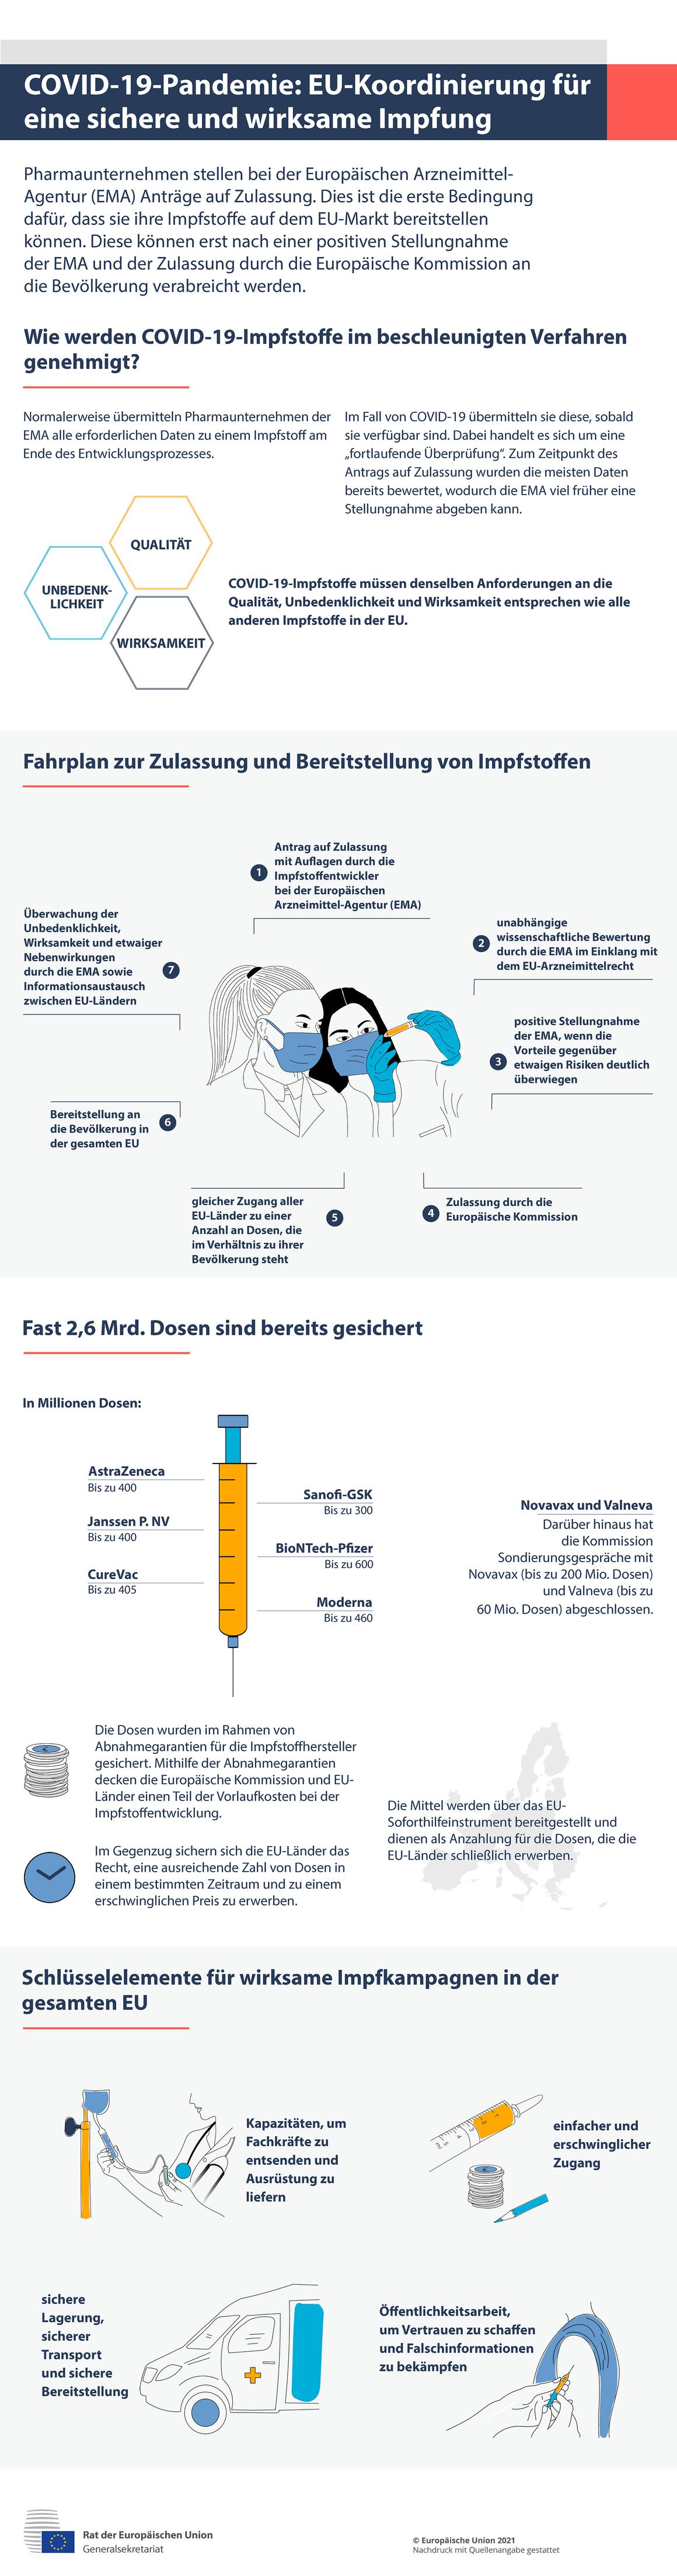 Infografik – COVID-19: EU-Koordinierung für eine sichere und wirksame Impfung